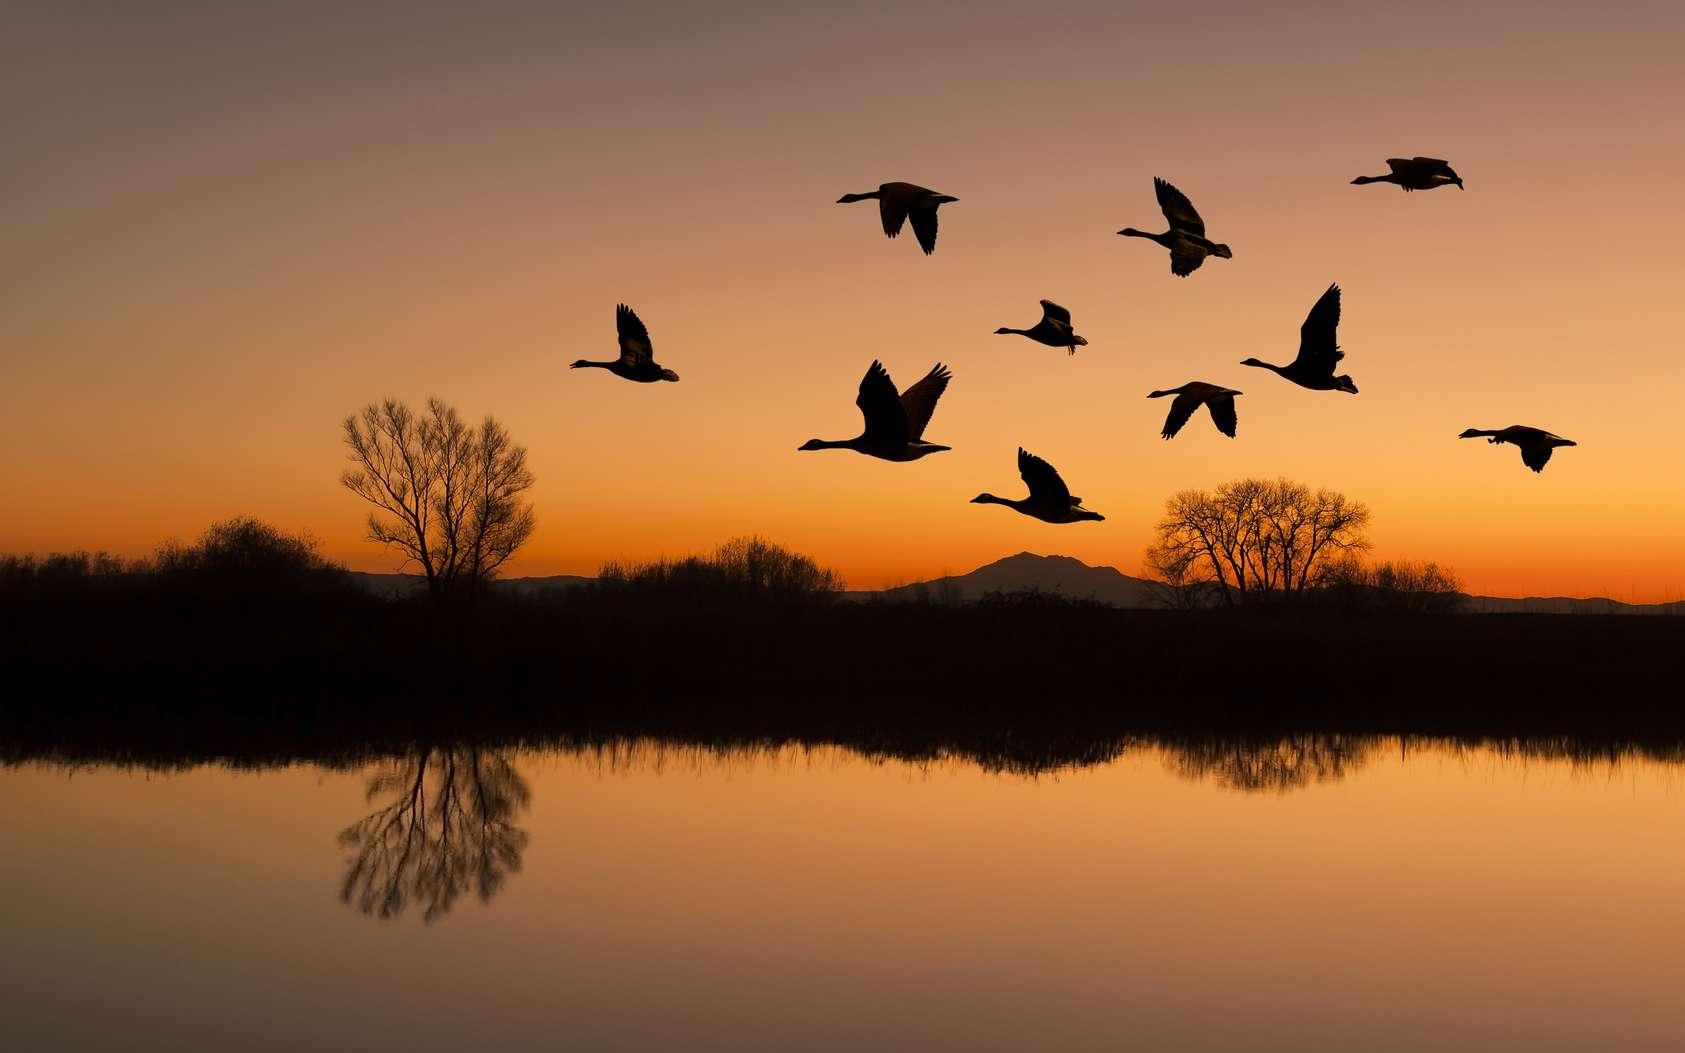 Les oiseaux migrateurs pourraient utiliser le champ magnétique terrestre (la magnétoréception) pour s'orienter. © Terrance Emerson, Fotolia